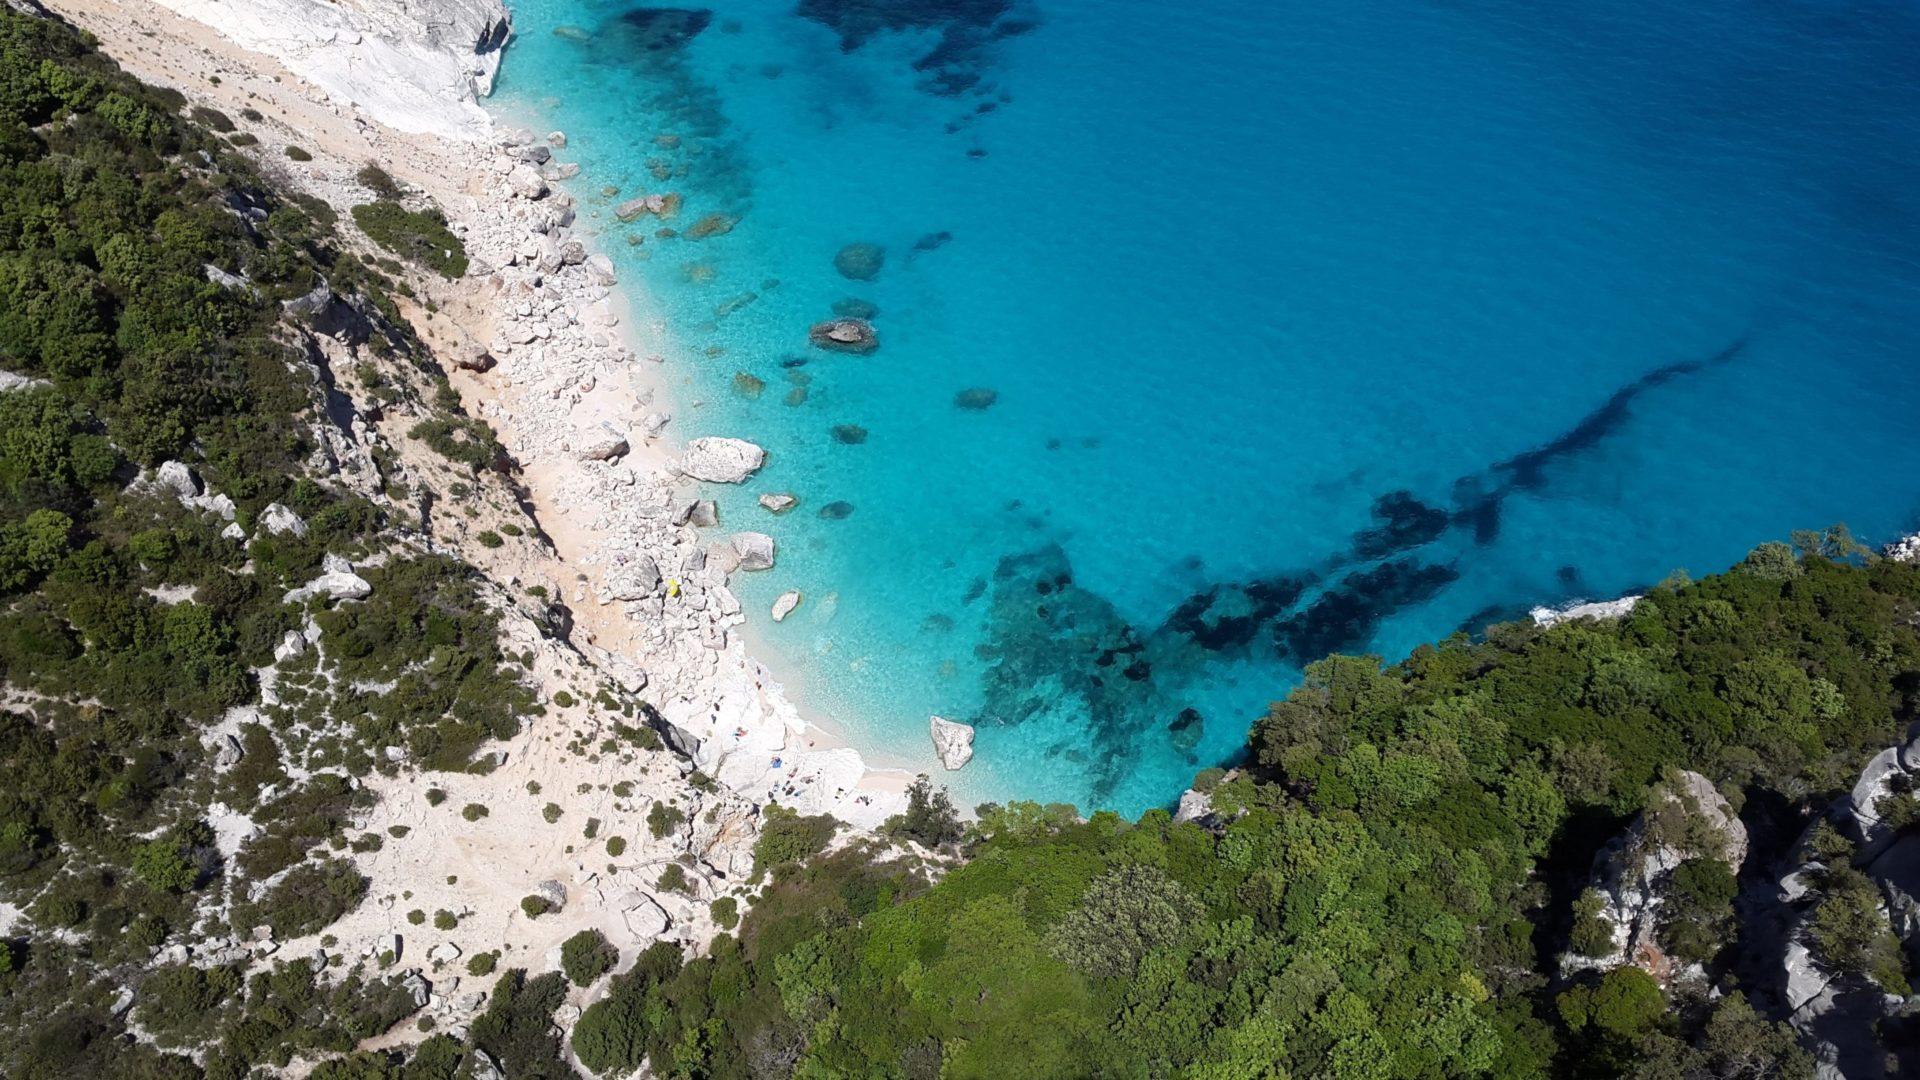 Wassertemperatur Cala Millor: Helle Kalksteinbucht mit türkis-blauem Meer von oben, umrahmt von saftig grünen Baumkronen